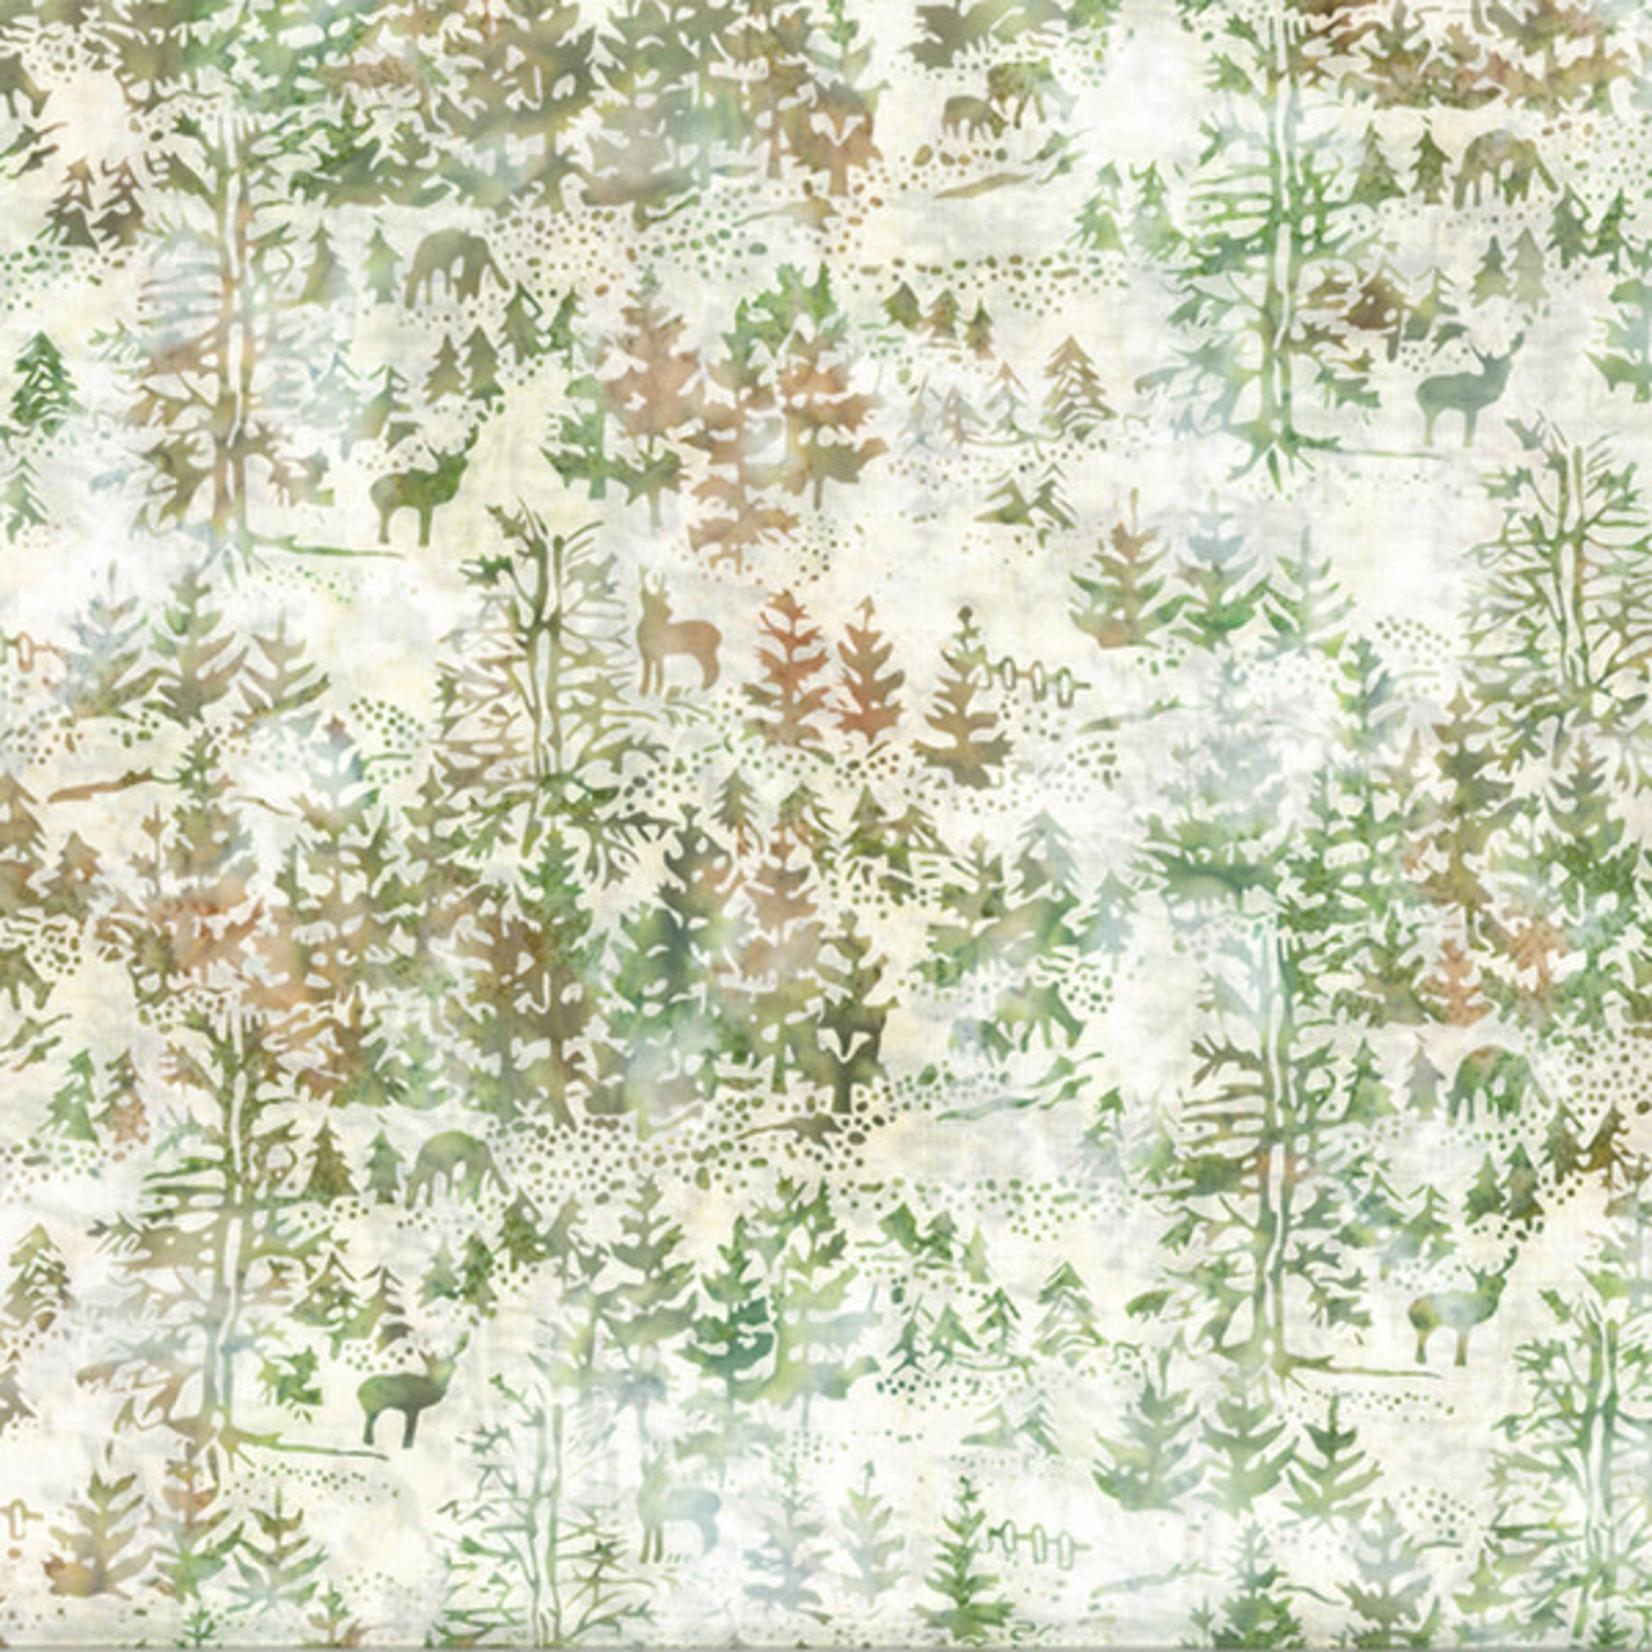 Hoffman Fabrics Bali Batik Deer & Tree - Patty